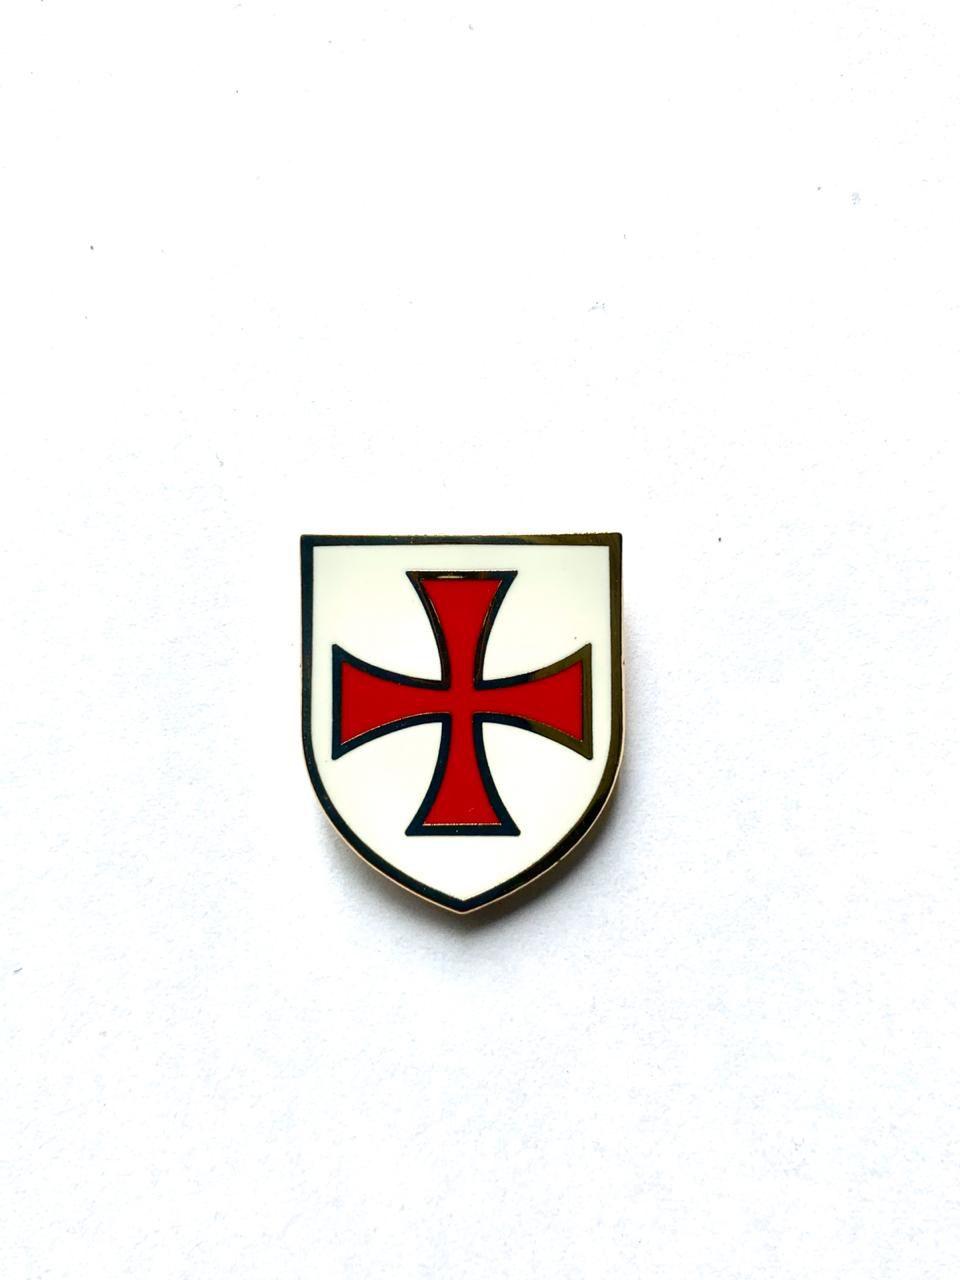 Escudo do Templário - DM